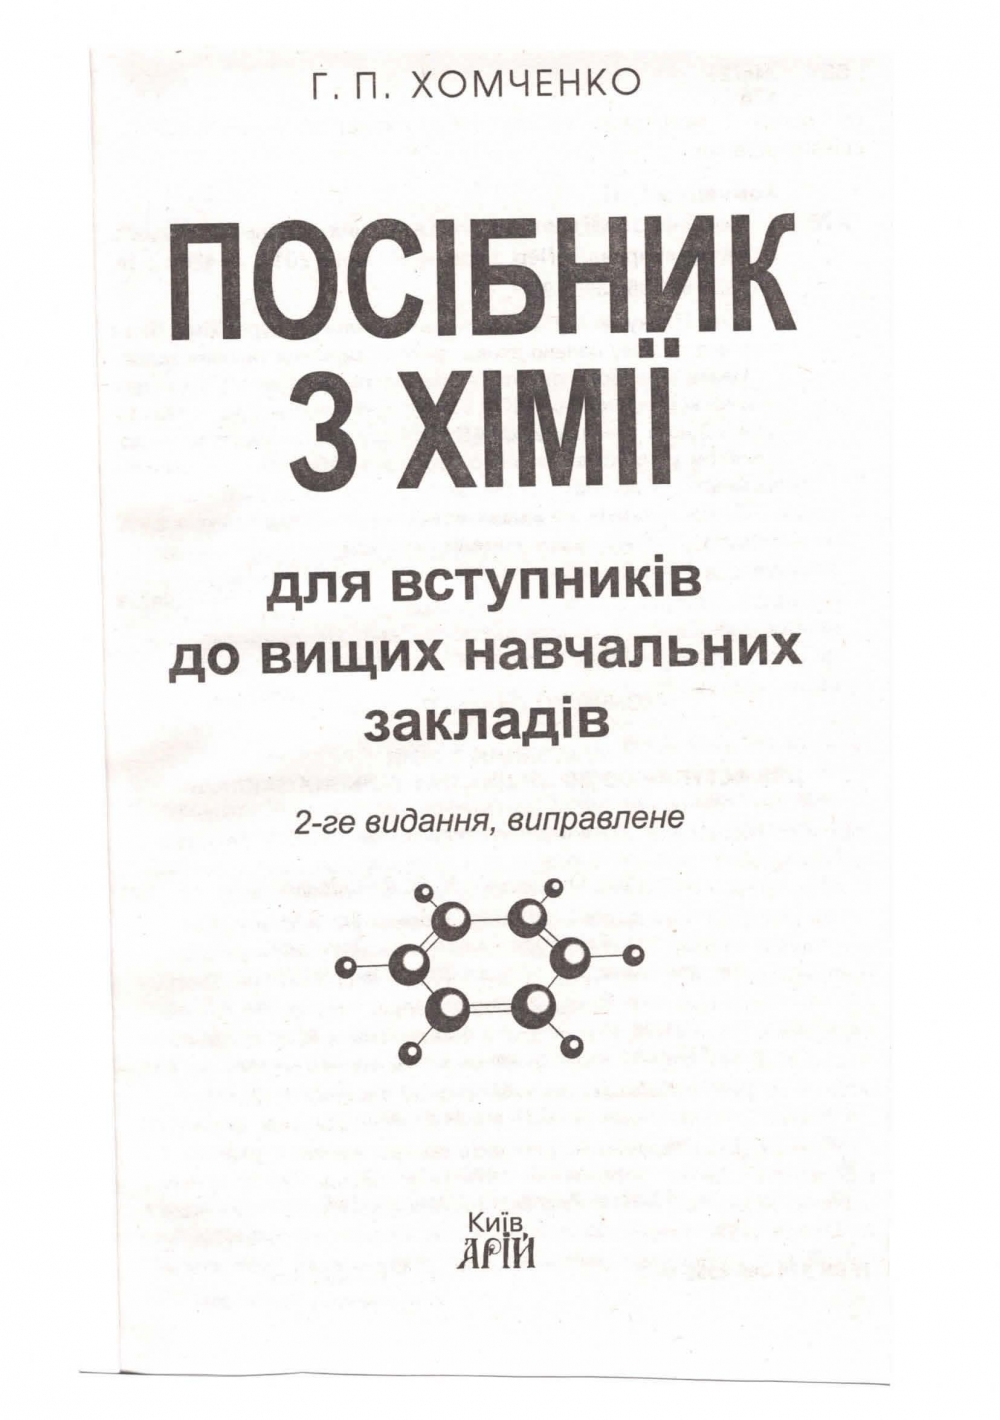 Посібник з хімії для вступників. Хомченко Г.  Вид-во: Арій. купити 2